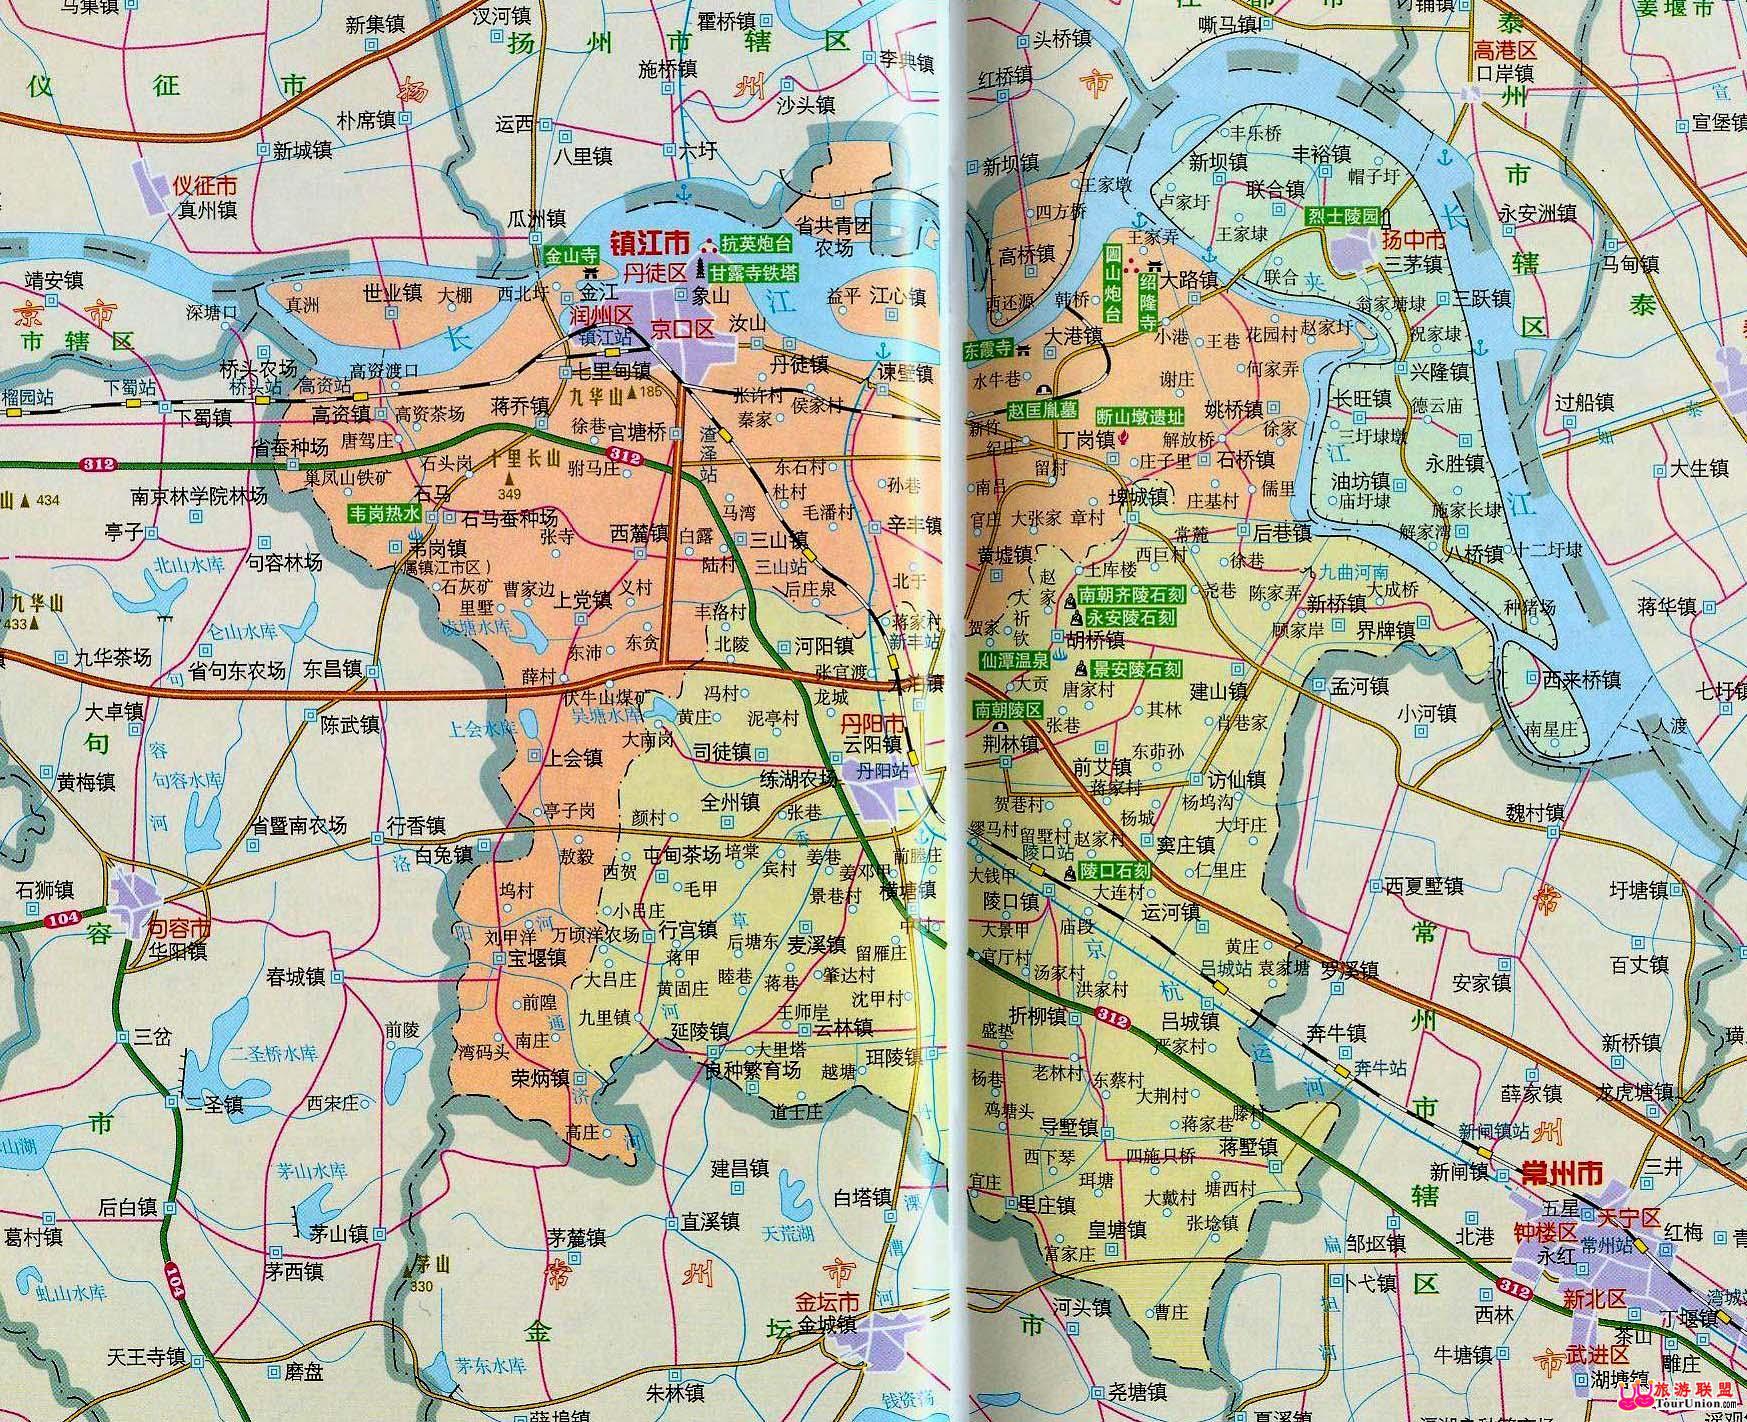 镇江旅游地图